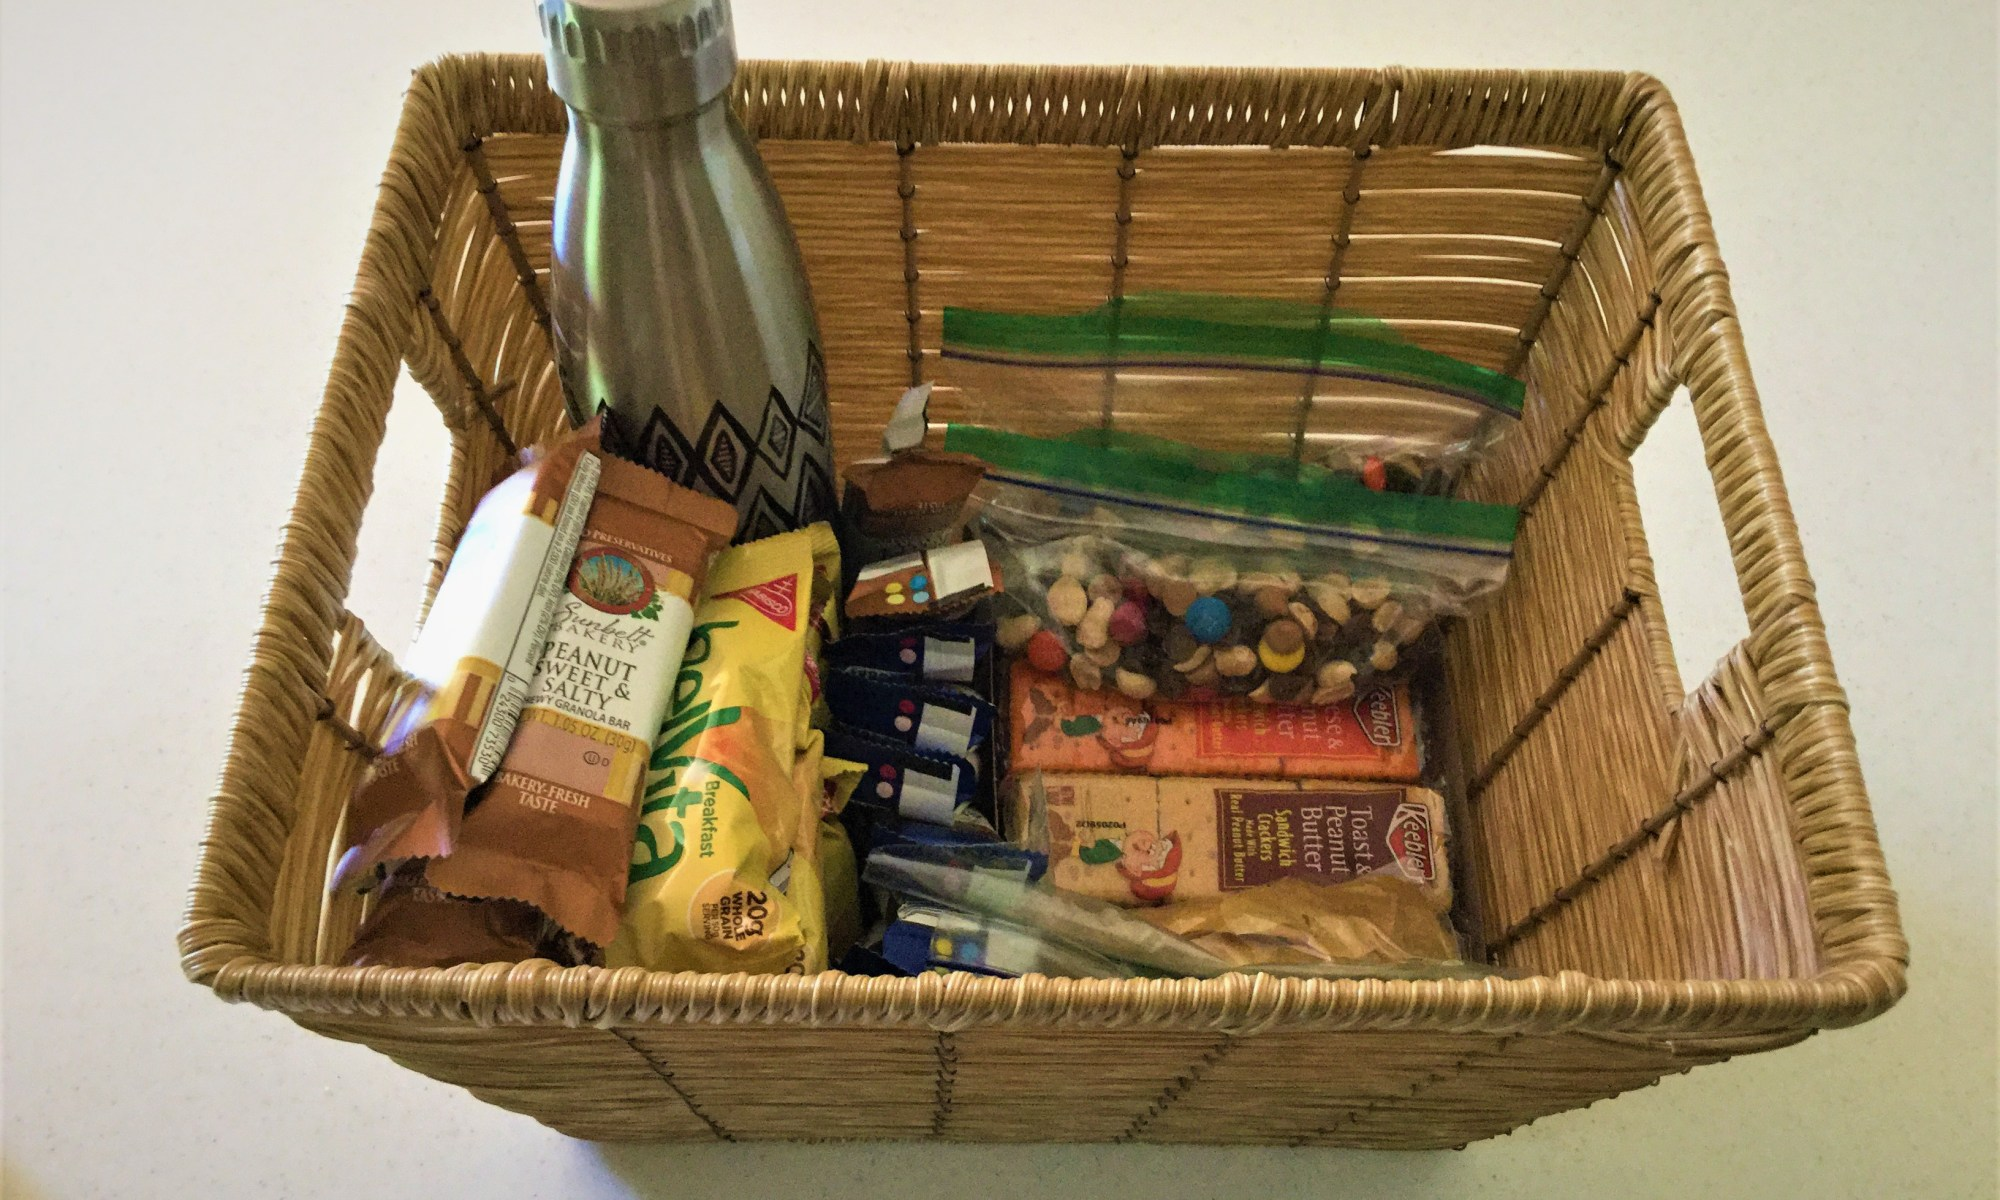 Bedside snack basket for nursing and breastfeeding mothers